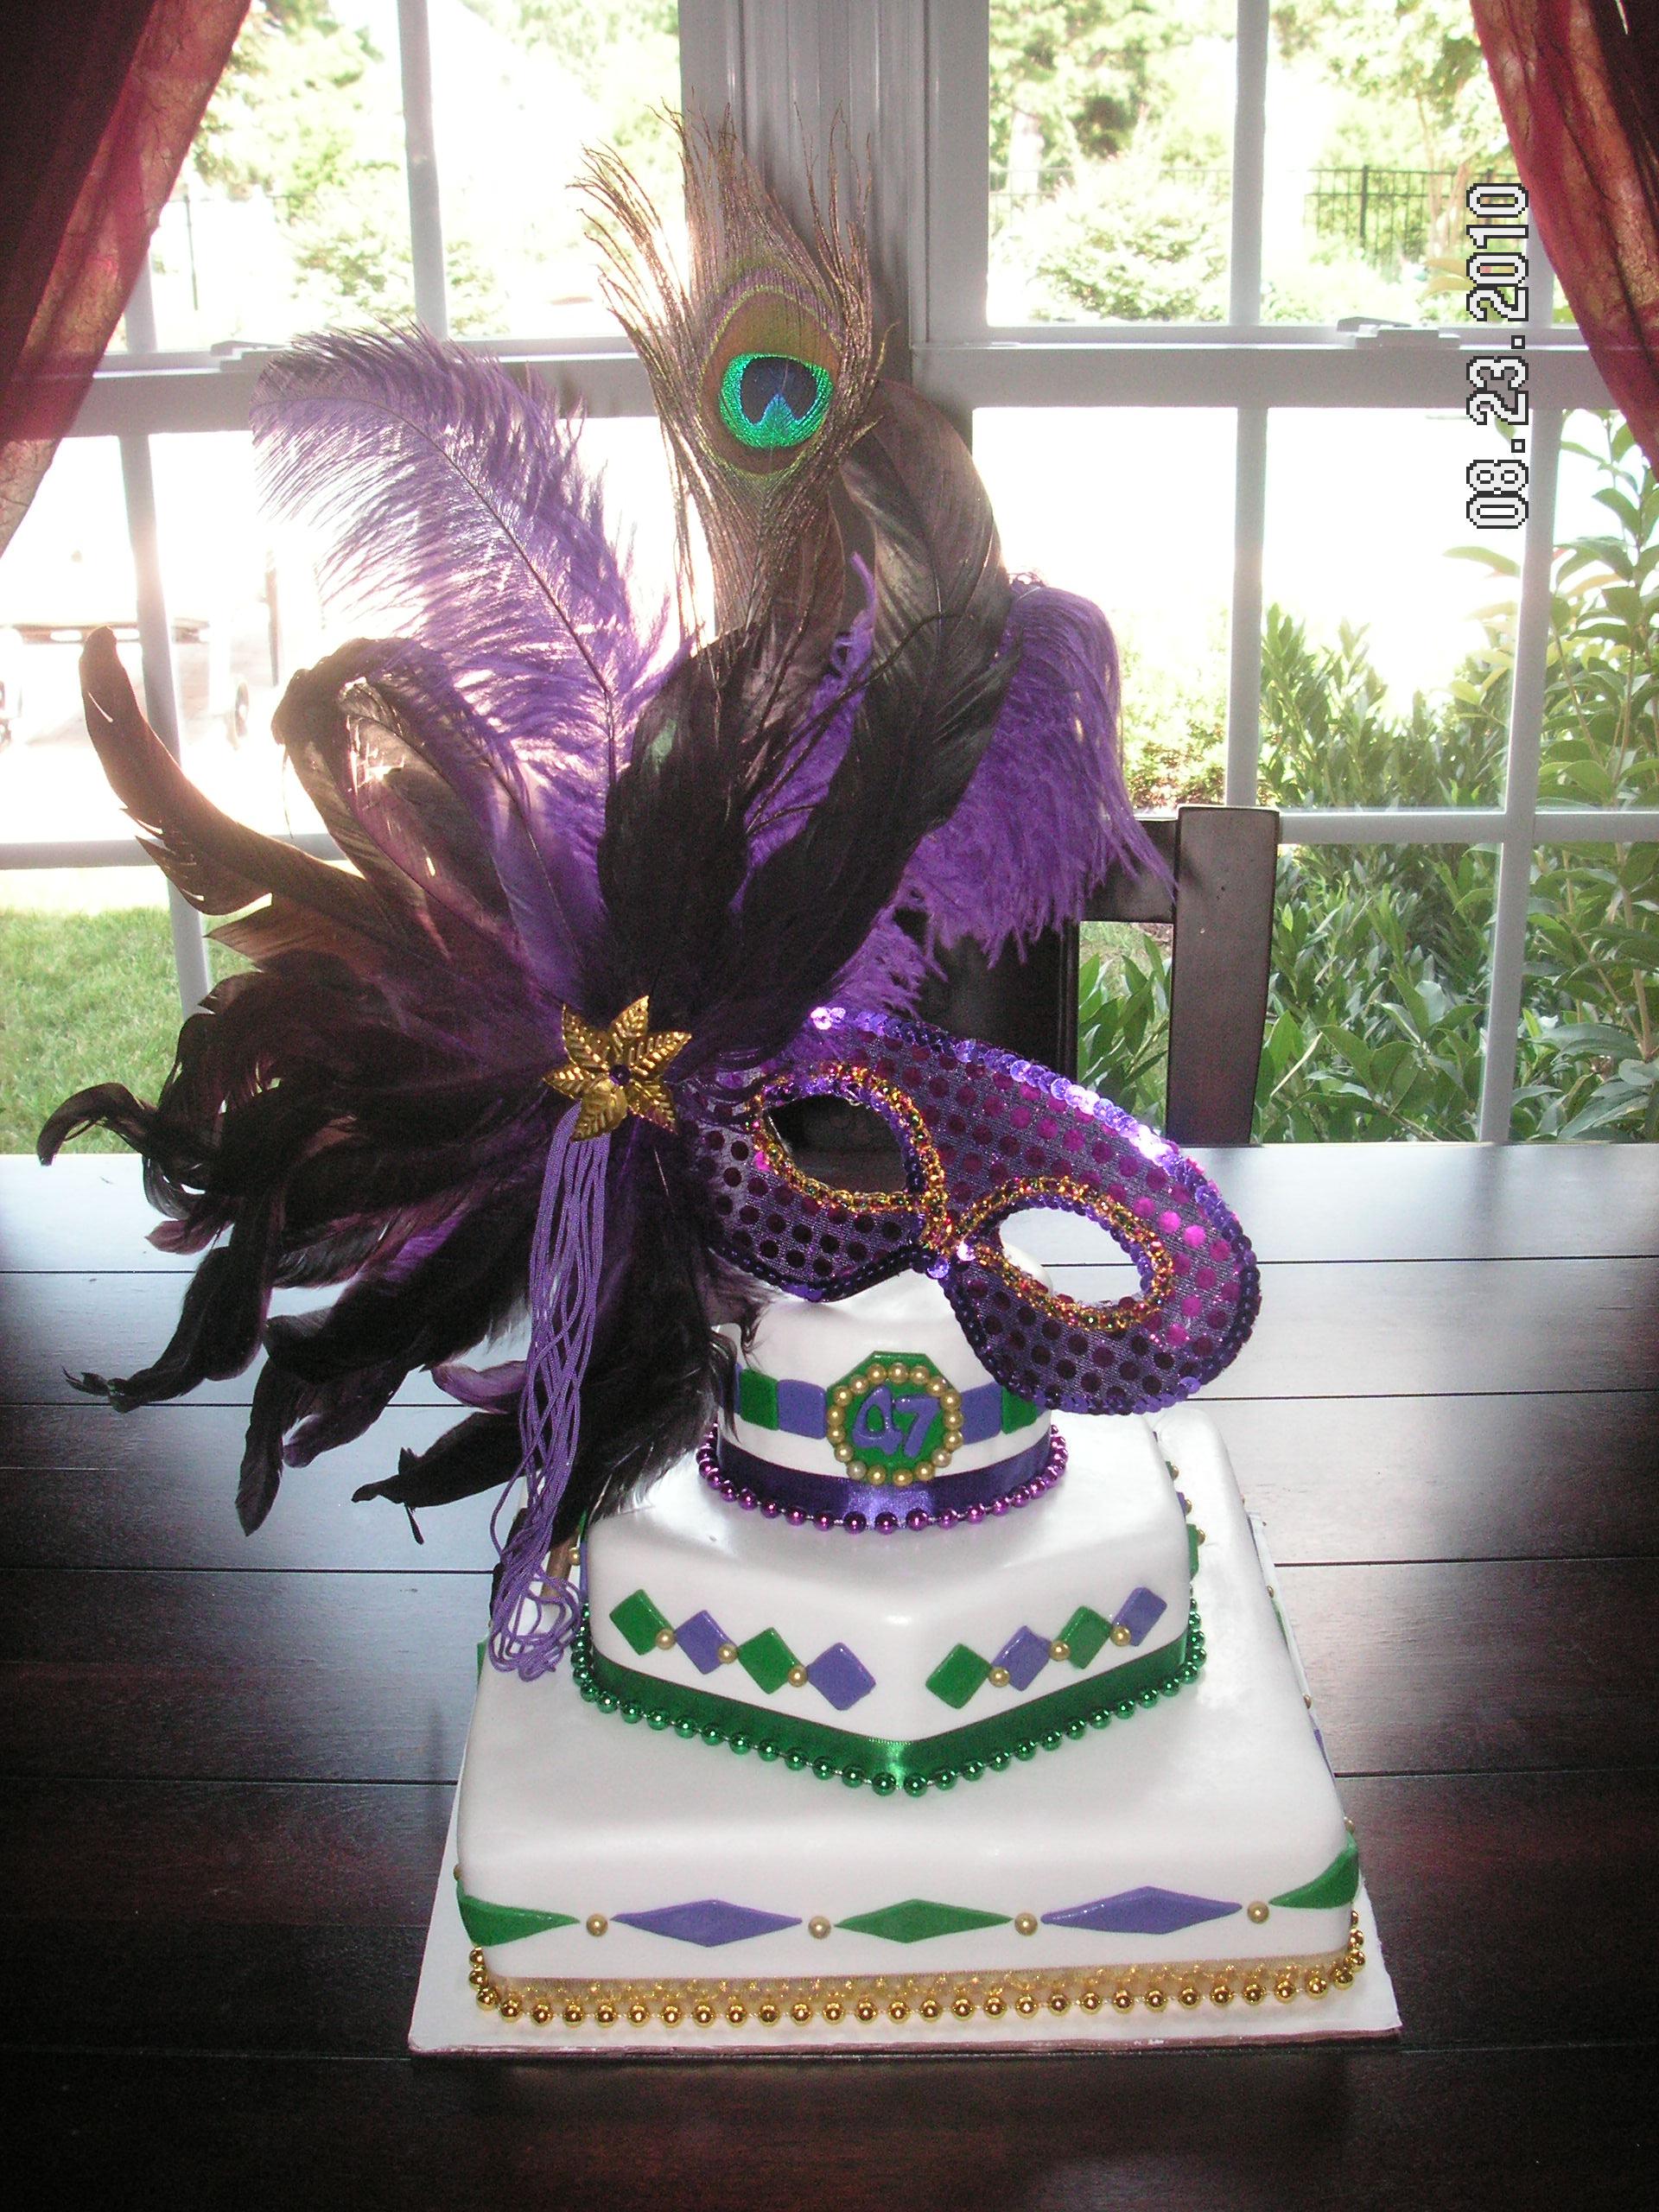 7 Photos of Mardi Grass Theme Cakes